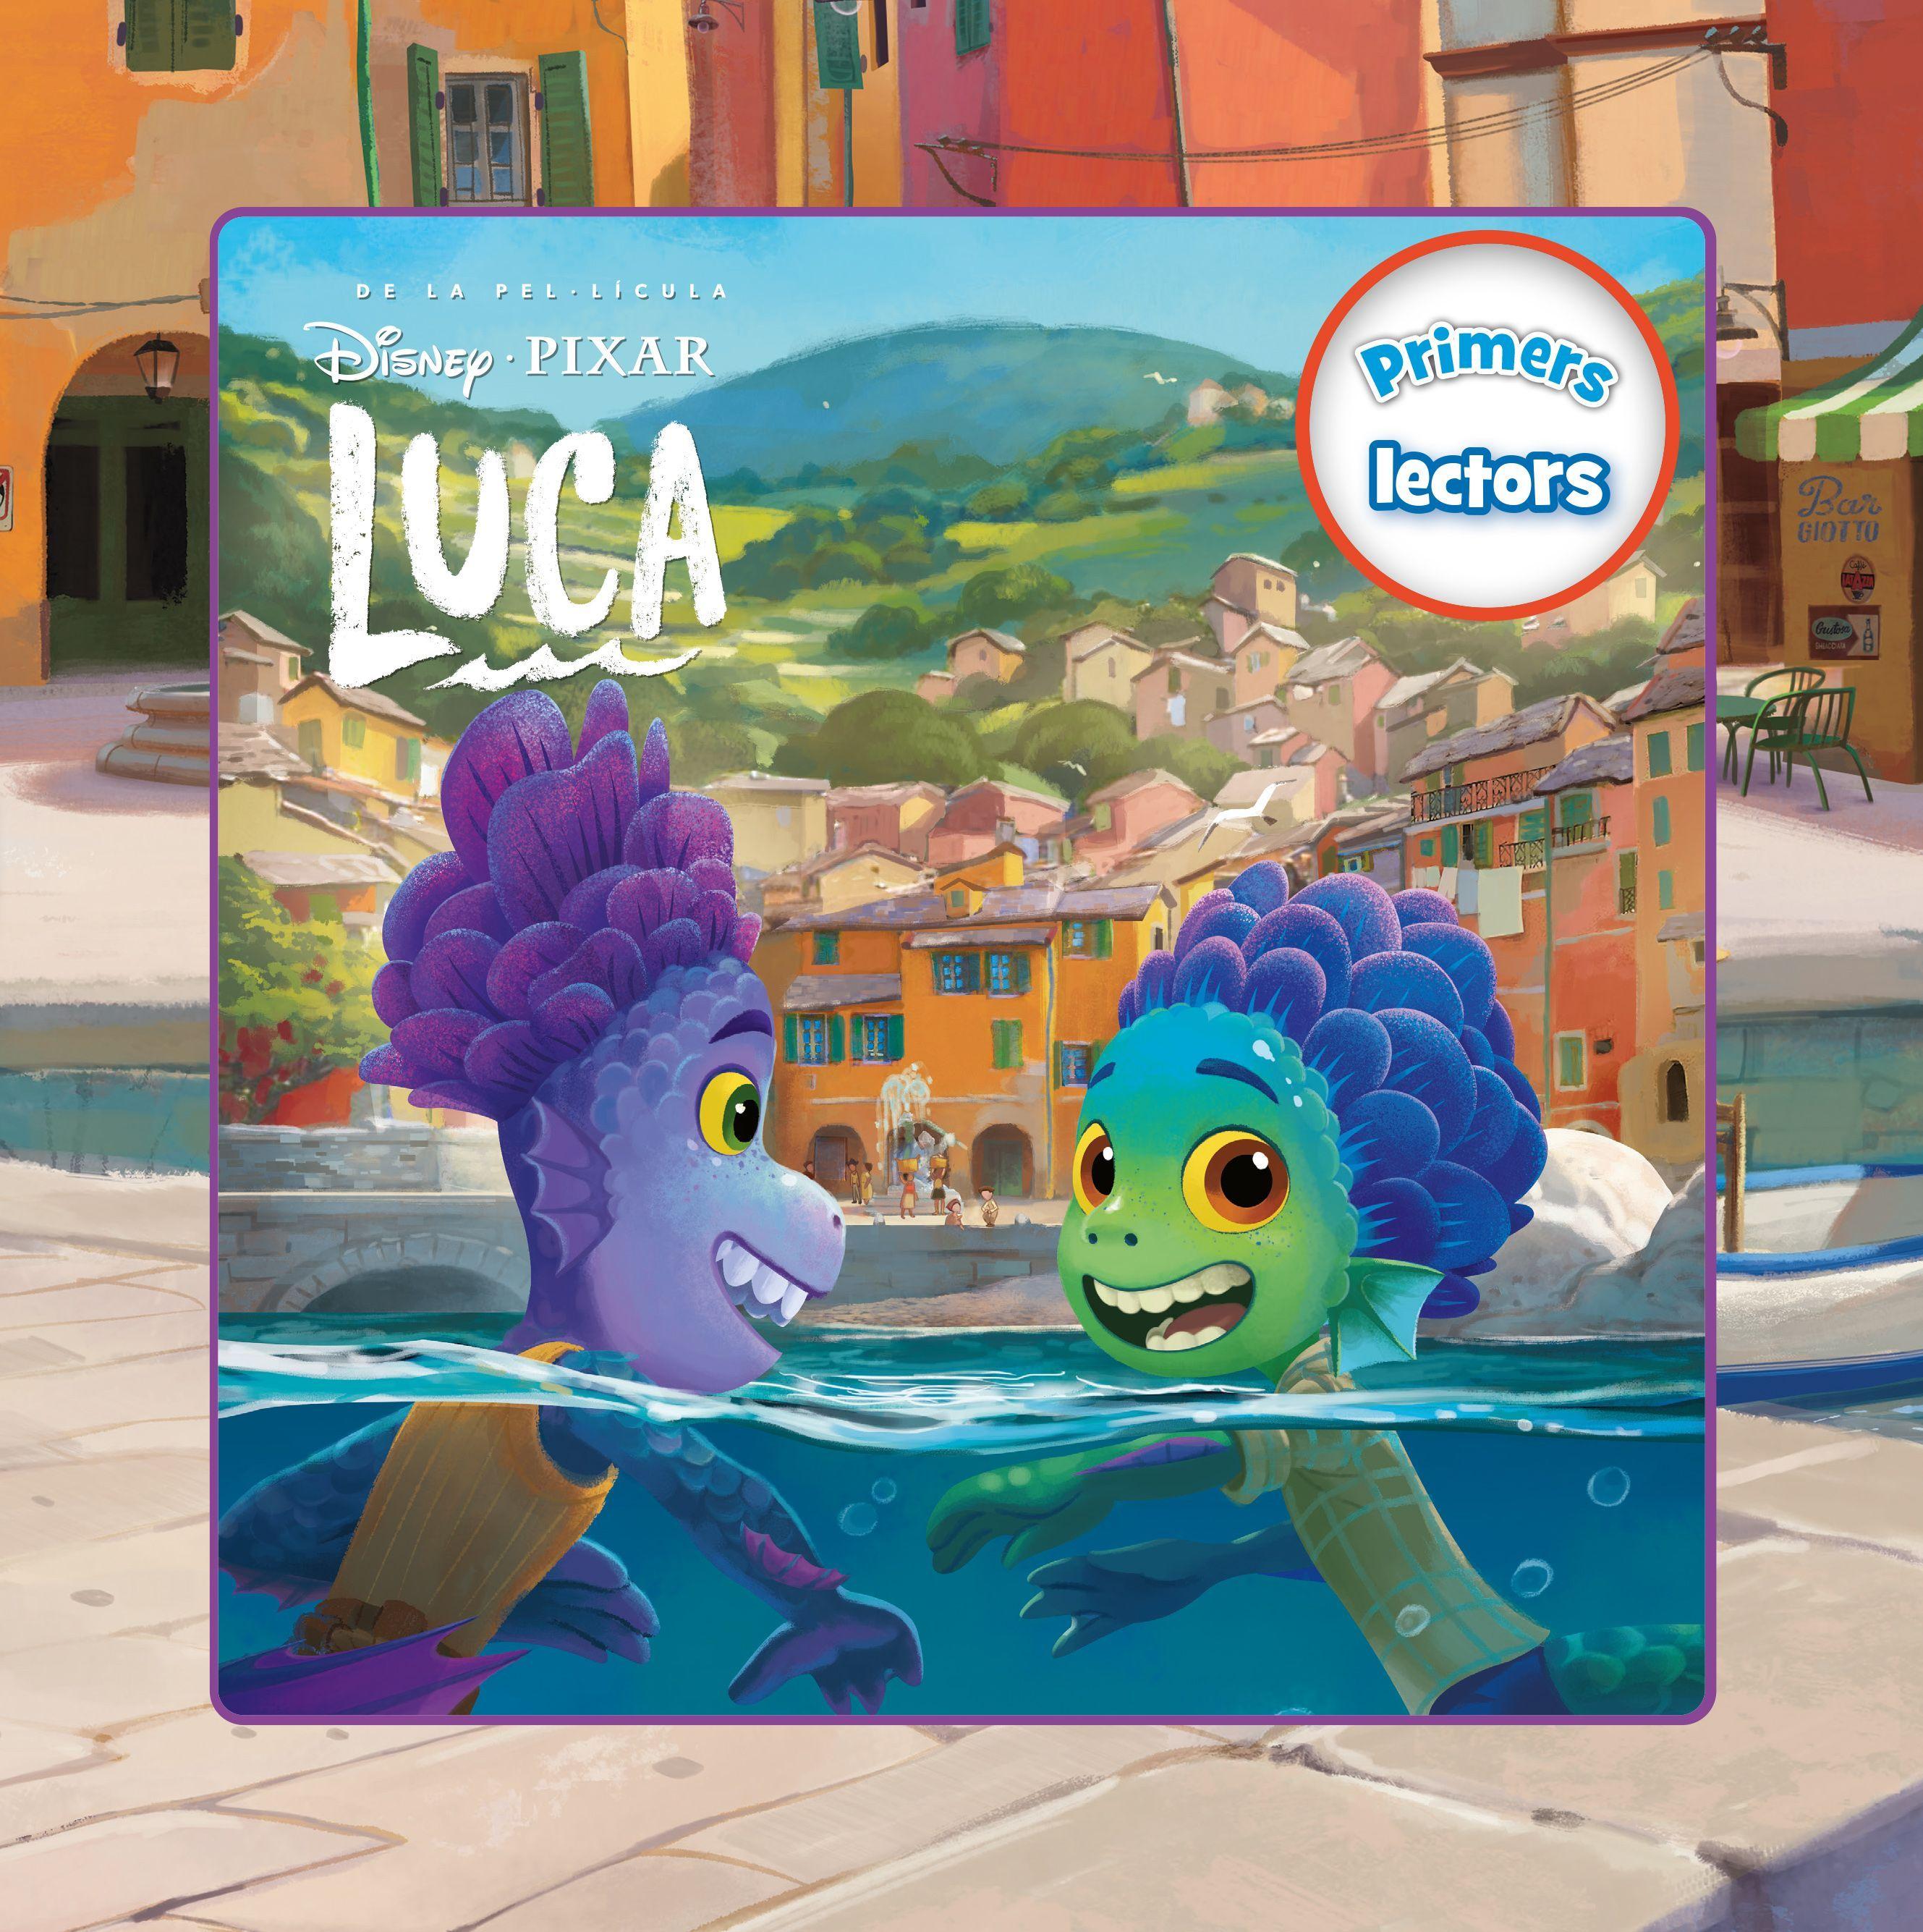 LUCA PRIMERS LECTORS